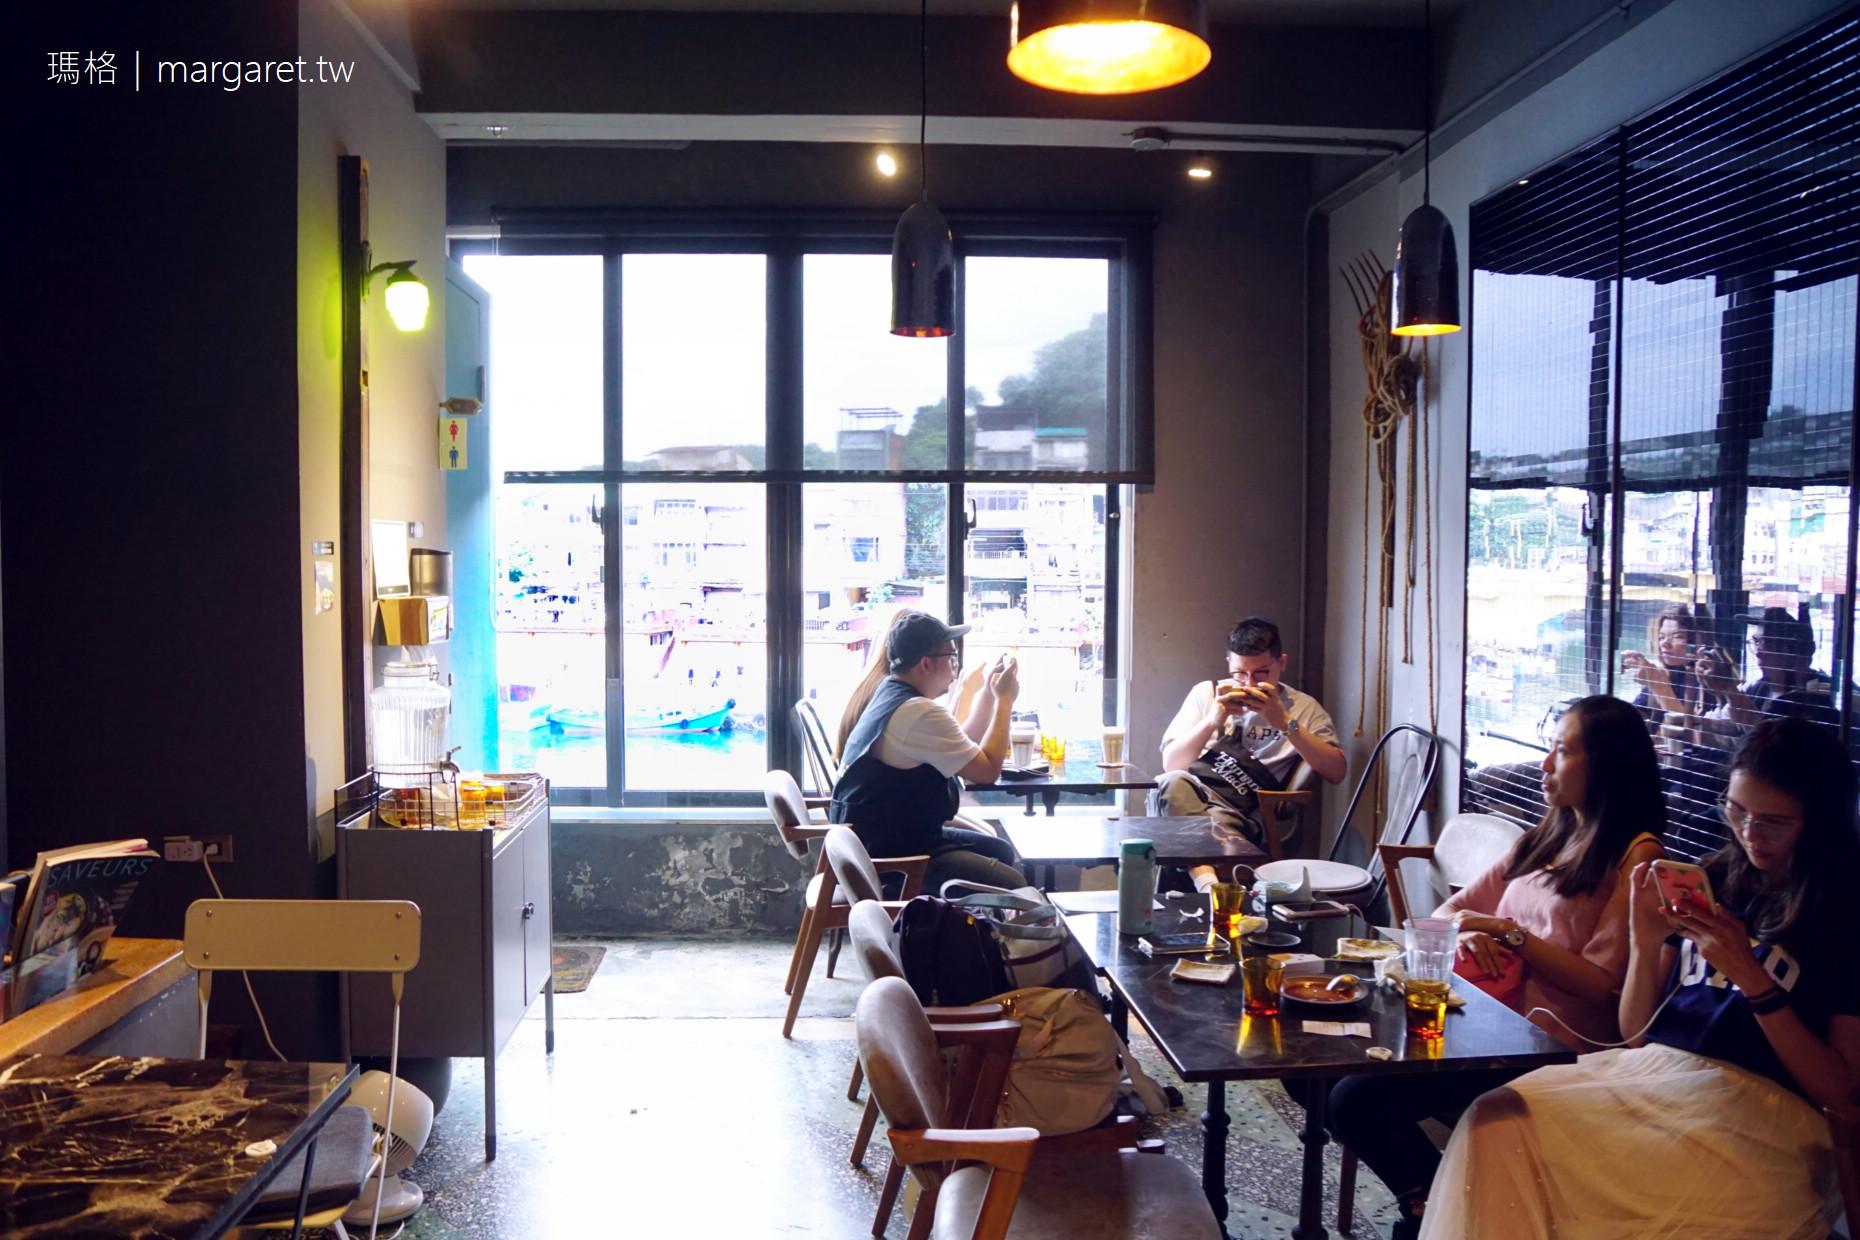 圖們咖啡 tuman café|基隆正濱漁港彩虹屋唯一黑宅